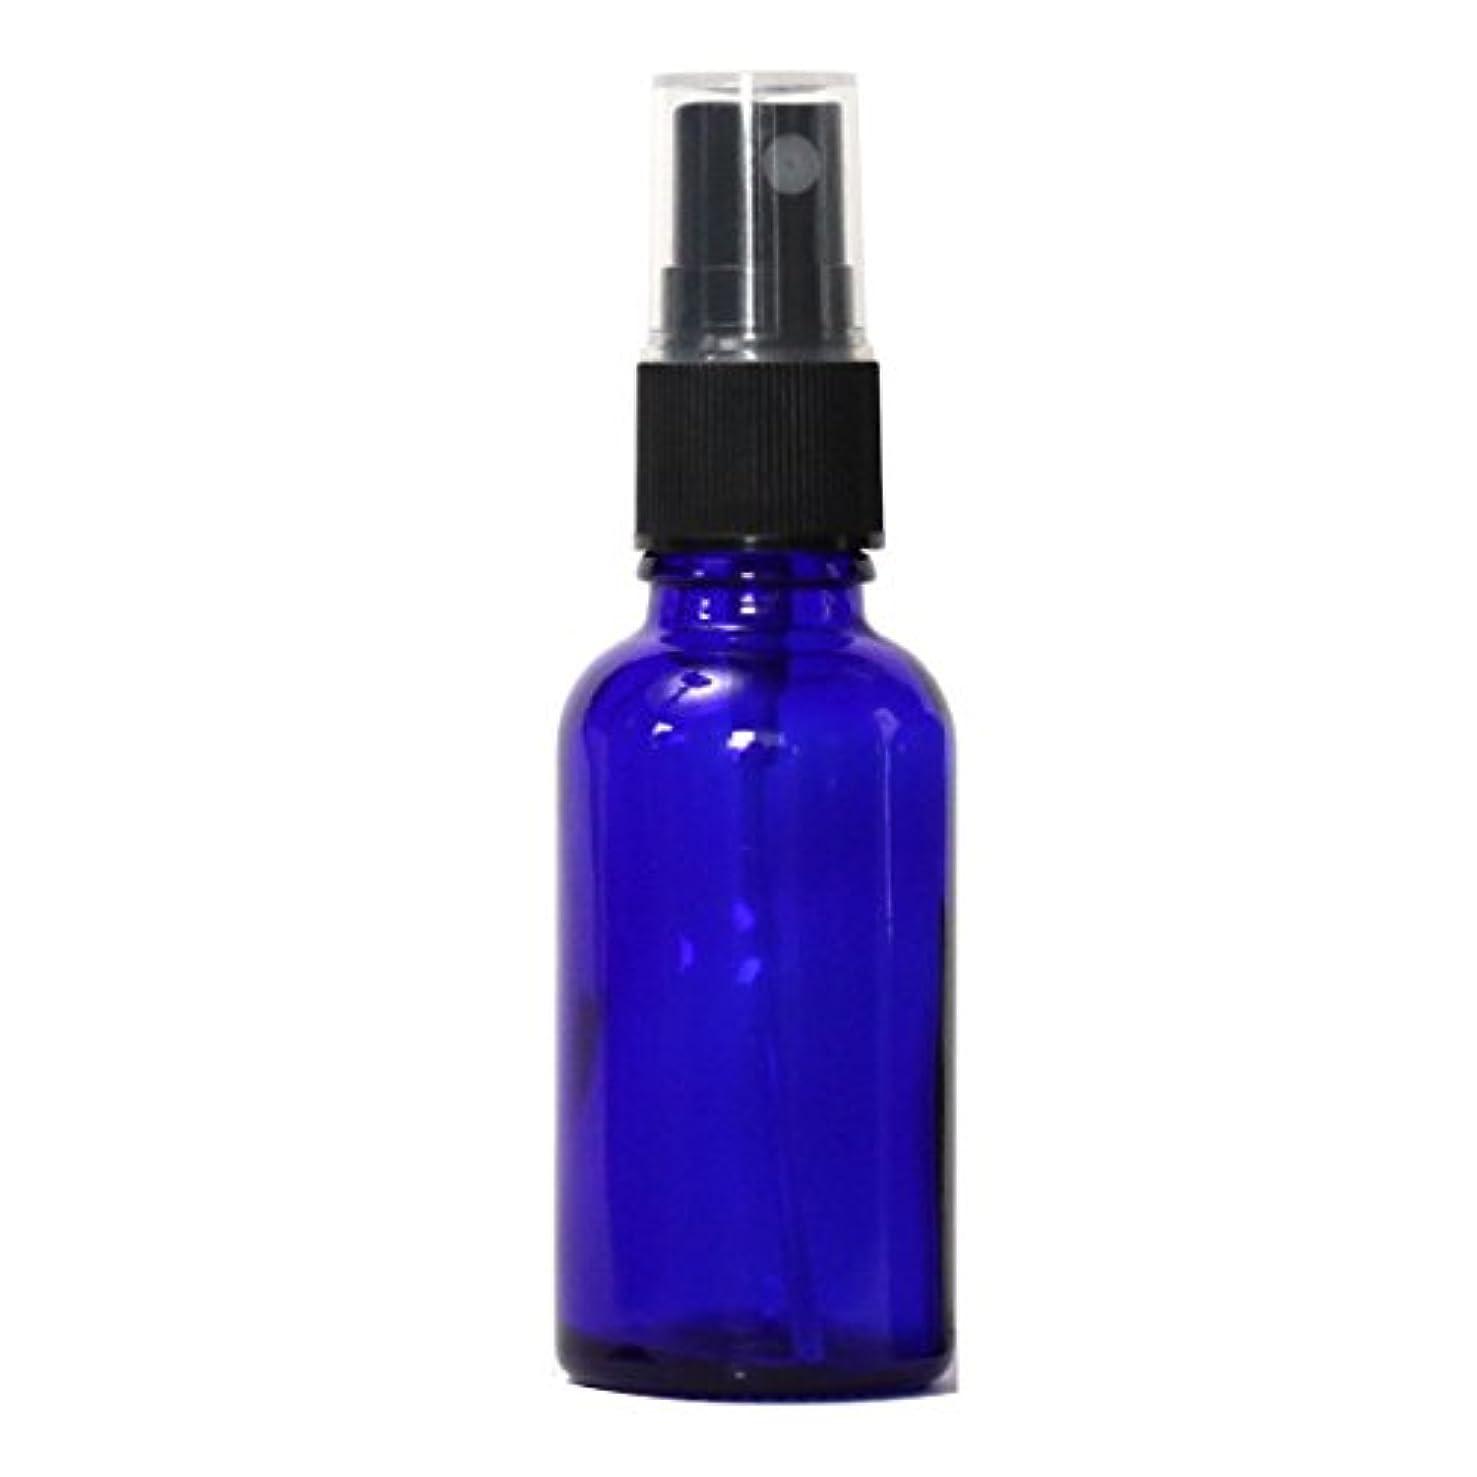 始めるやさしいフォロースプレーガラス瓶ボトル 30mL 遮光性ブルー おしゃれガラスアトマイザー 空容器